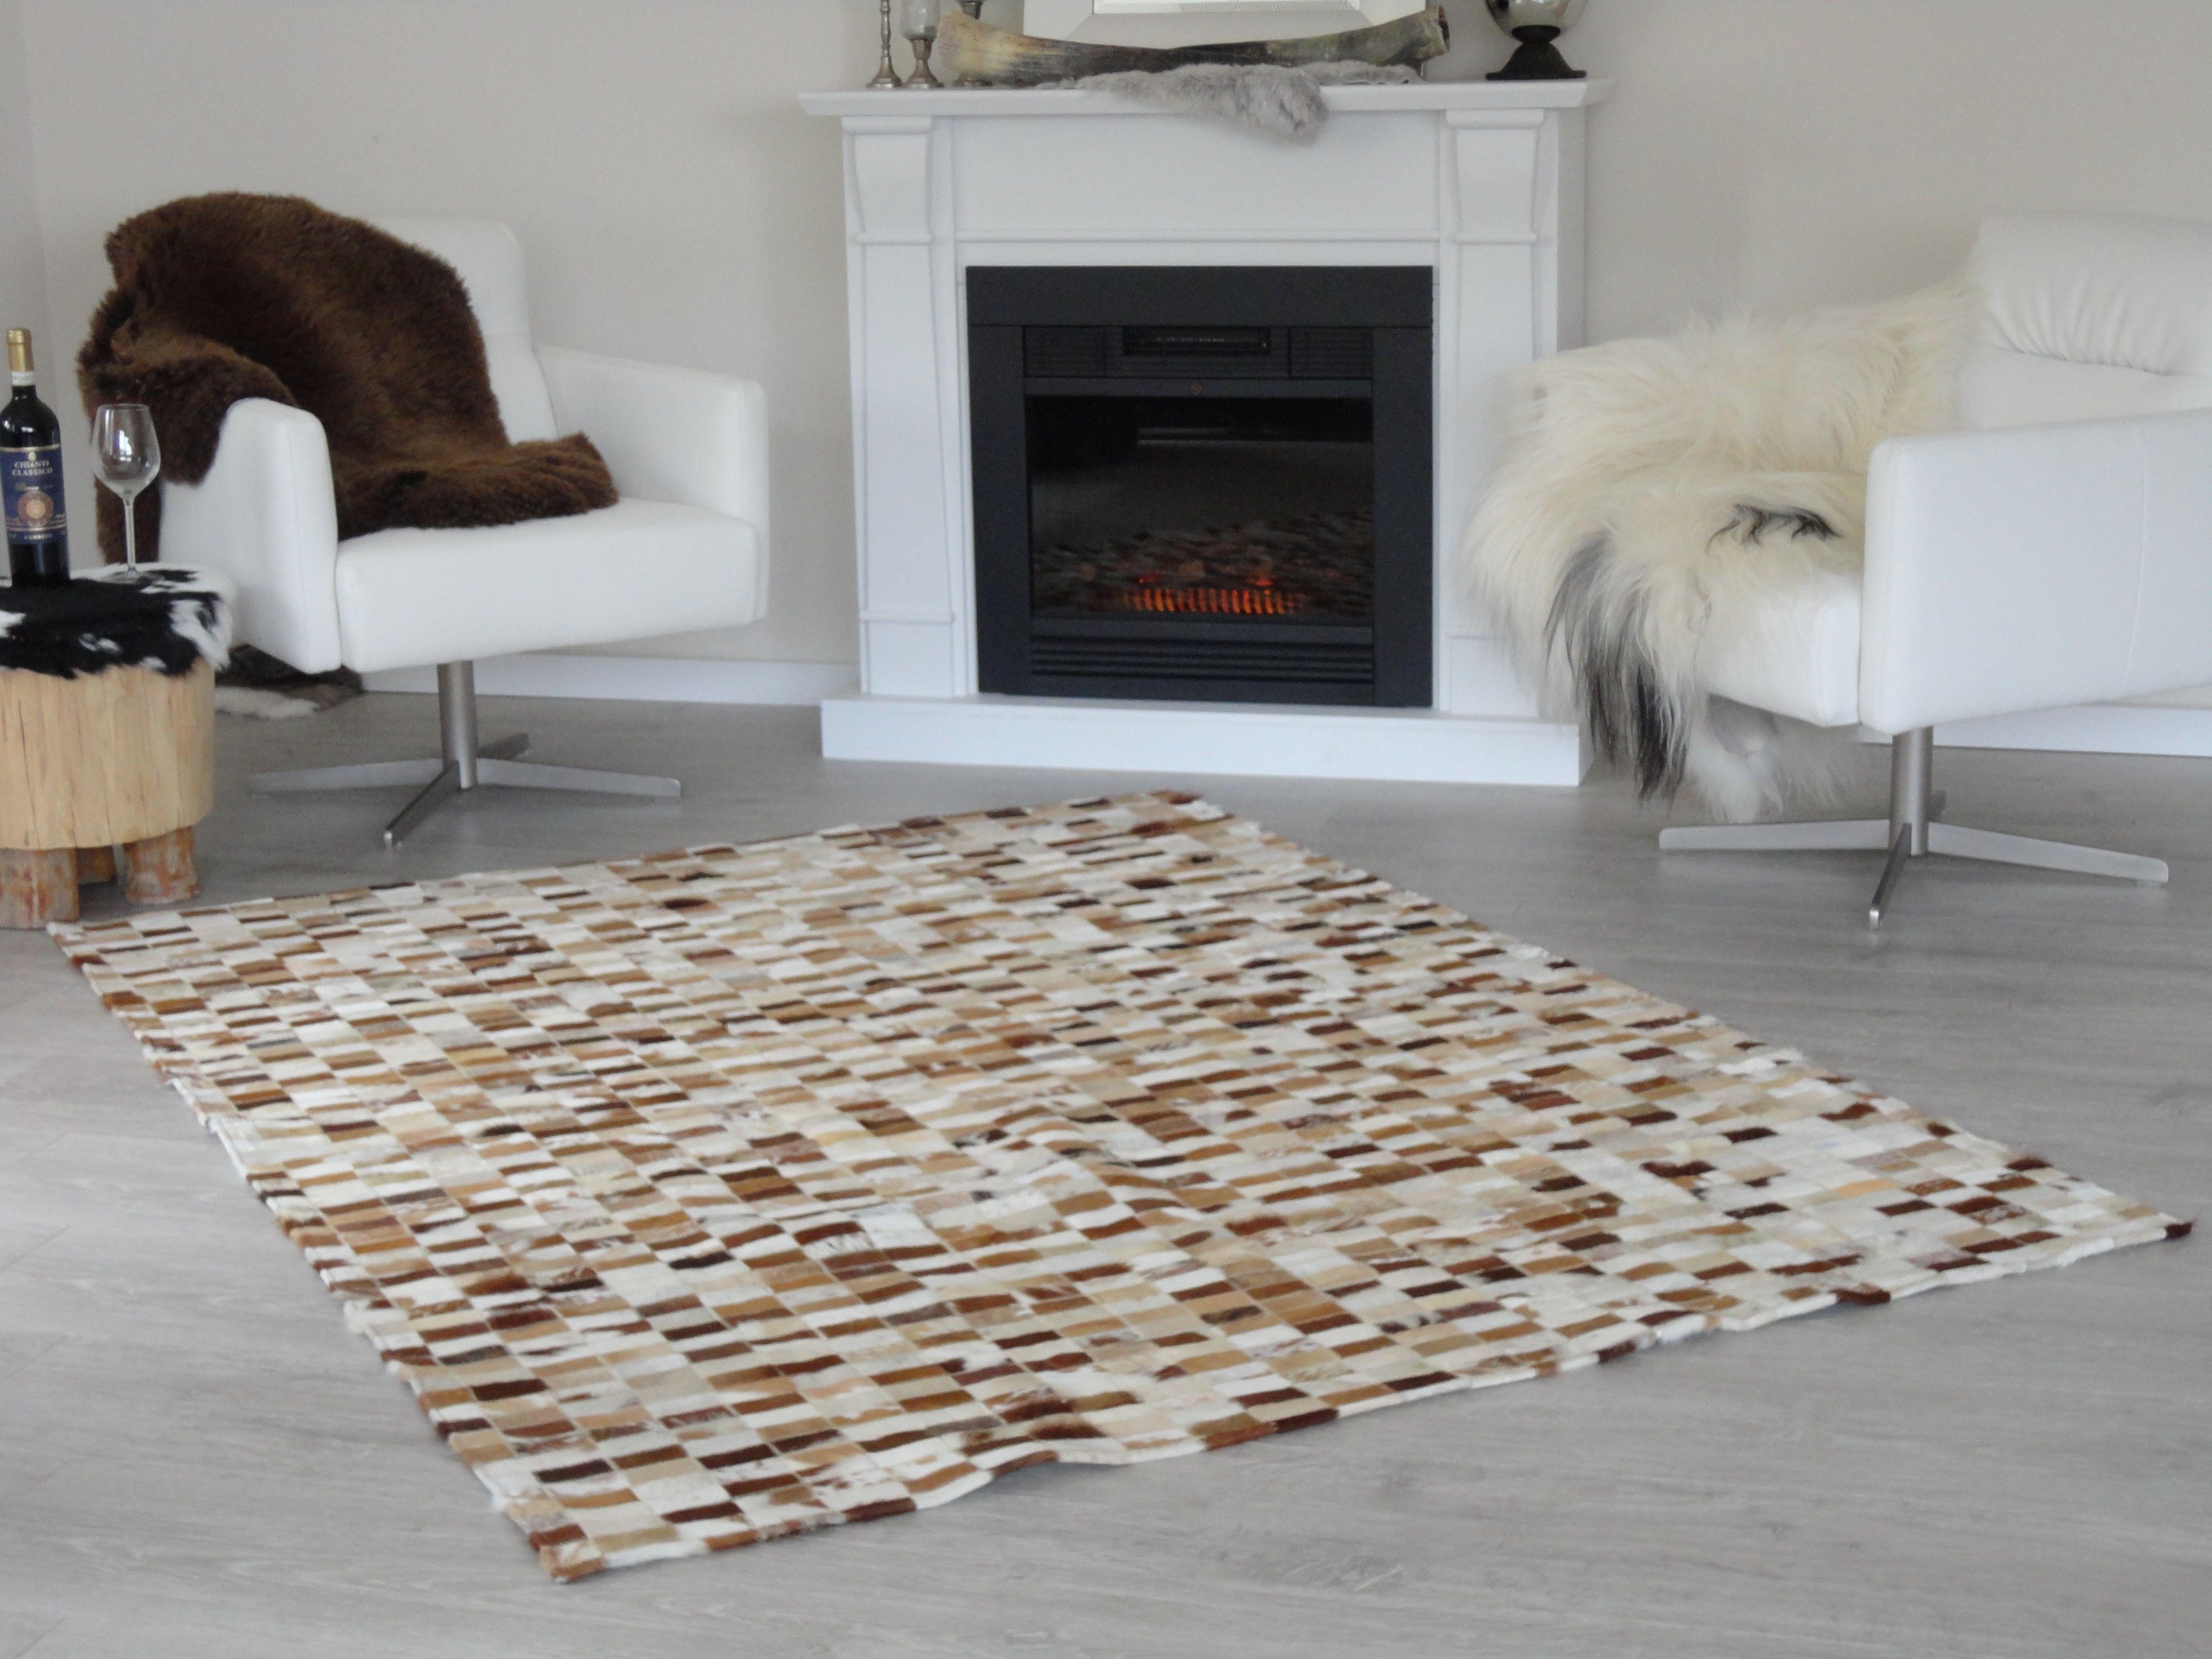 Koeienhuid Woonkamer » Onze woonkamer licht fris grey white hout ...